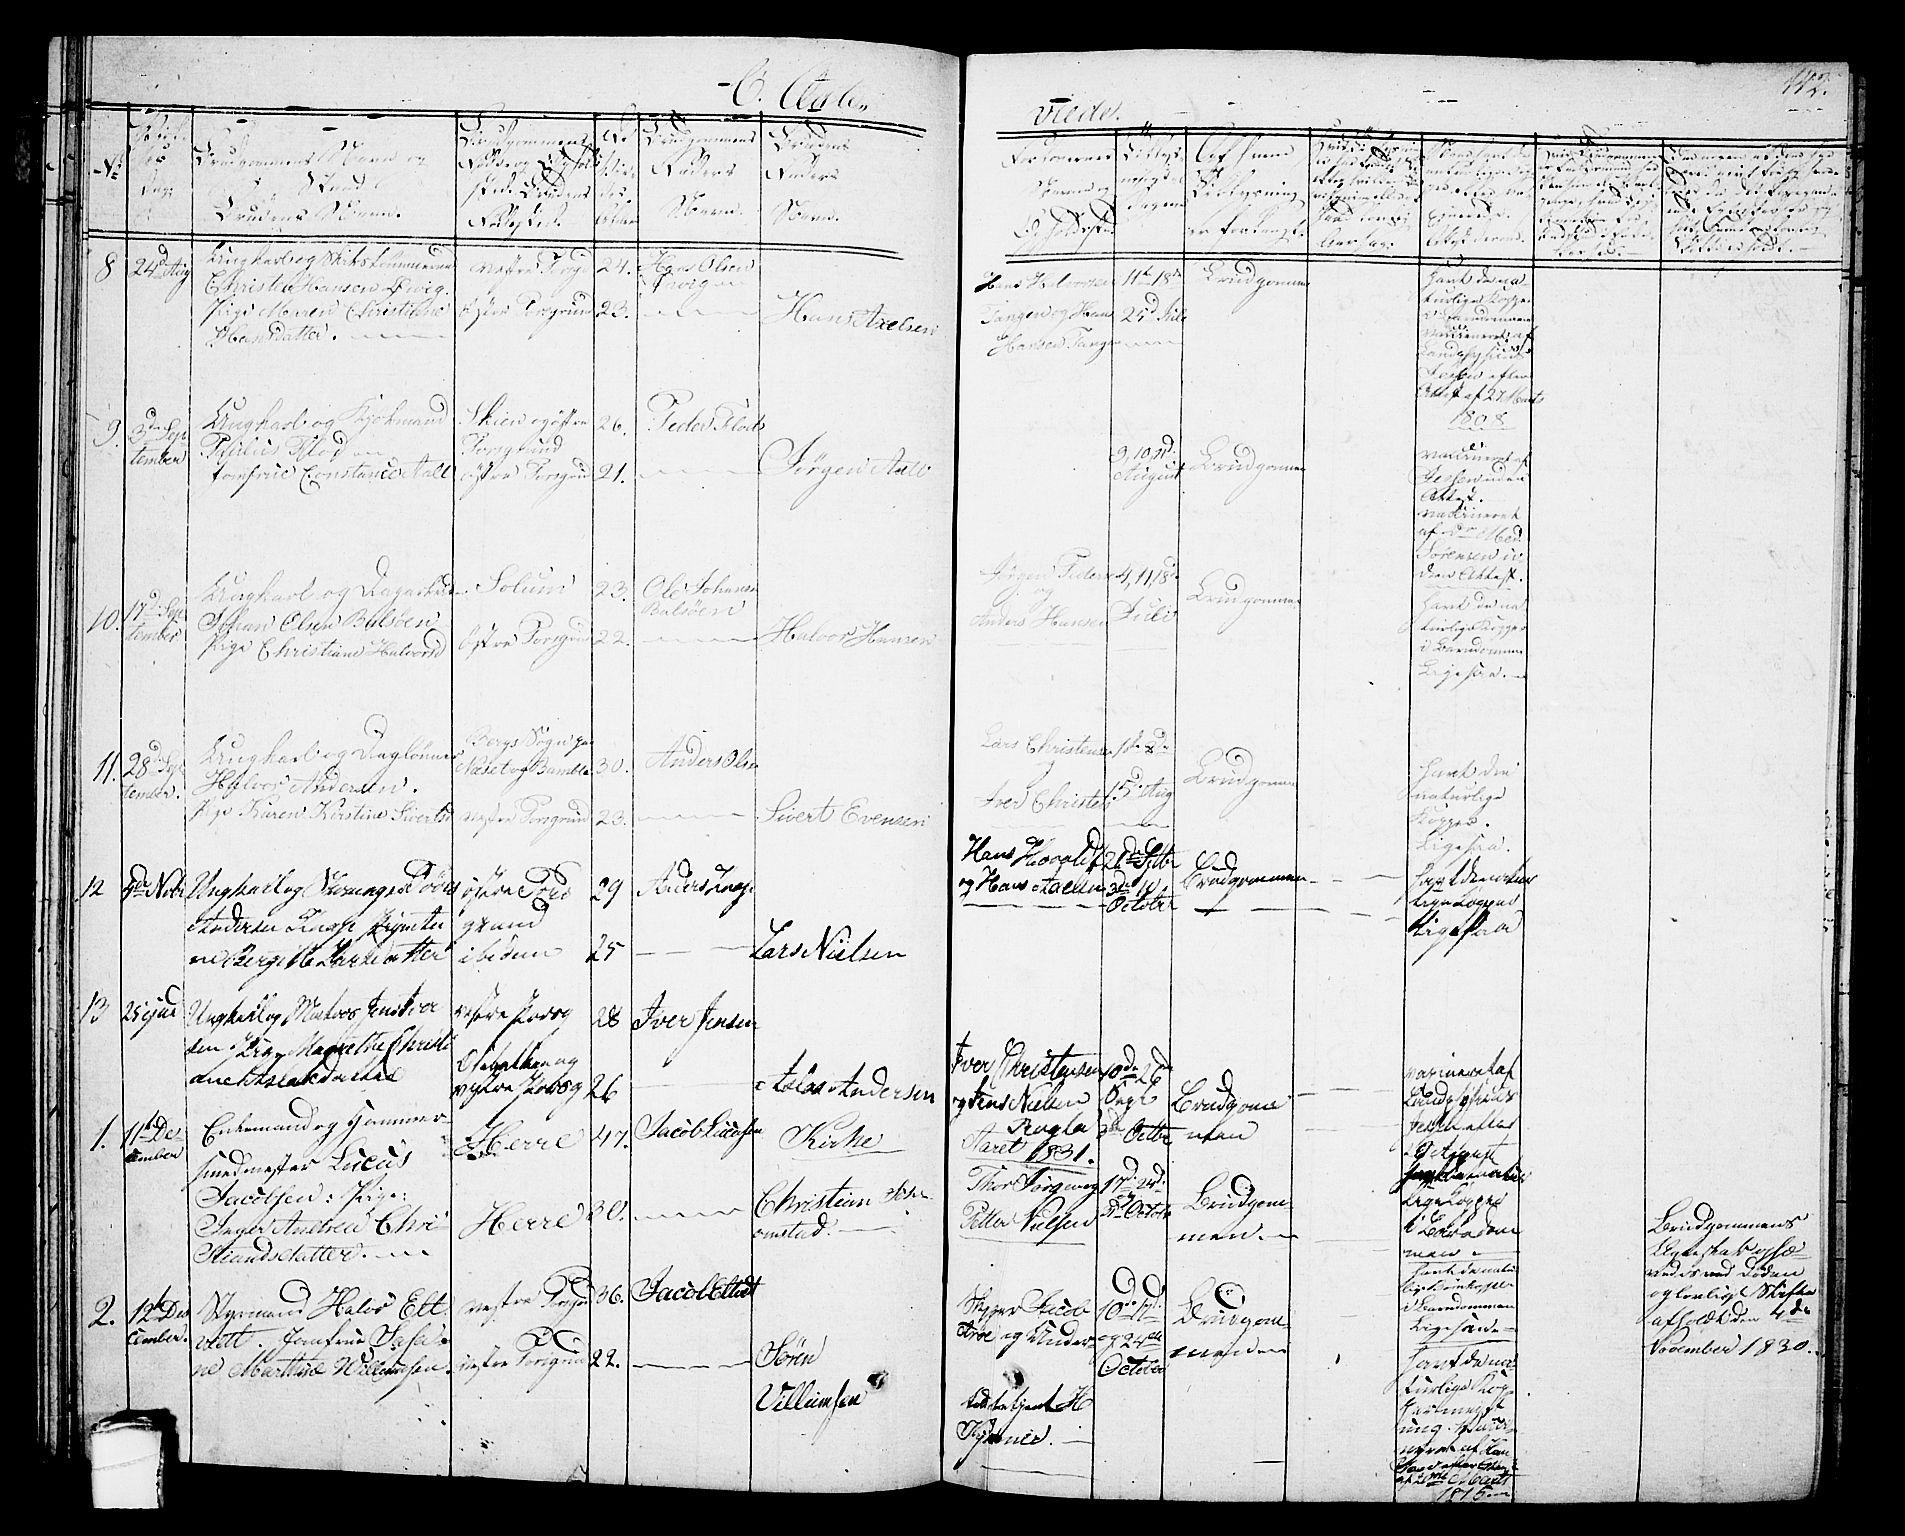 SAKO, Porsgrunn kirkebøker , G/Gb/L0002: Klokkerbok nr. II 2, 1828-1841, s. 142